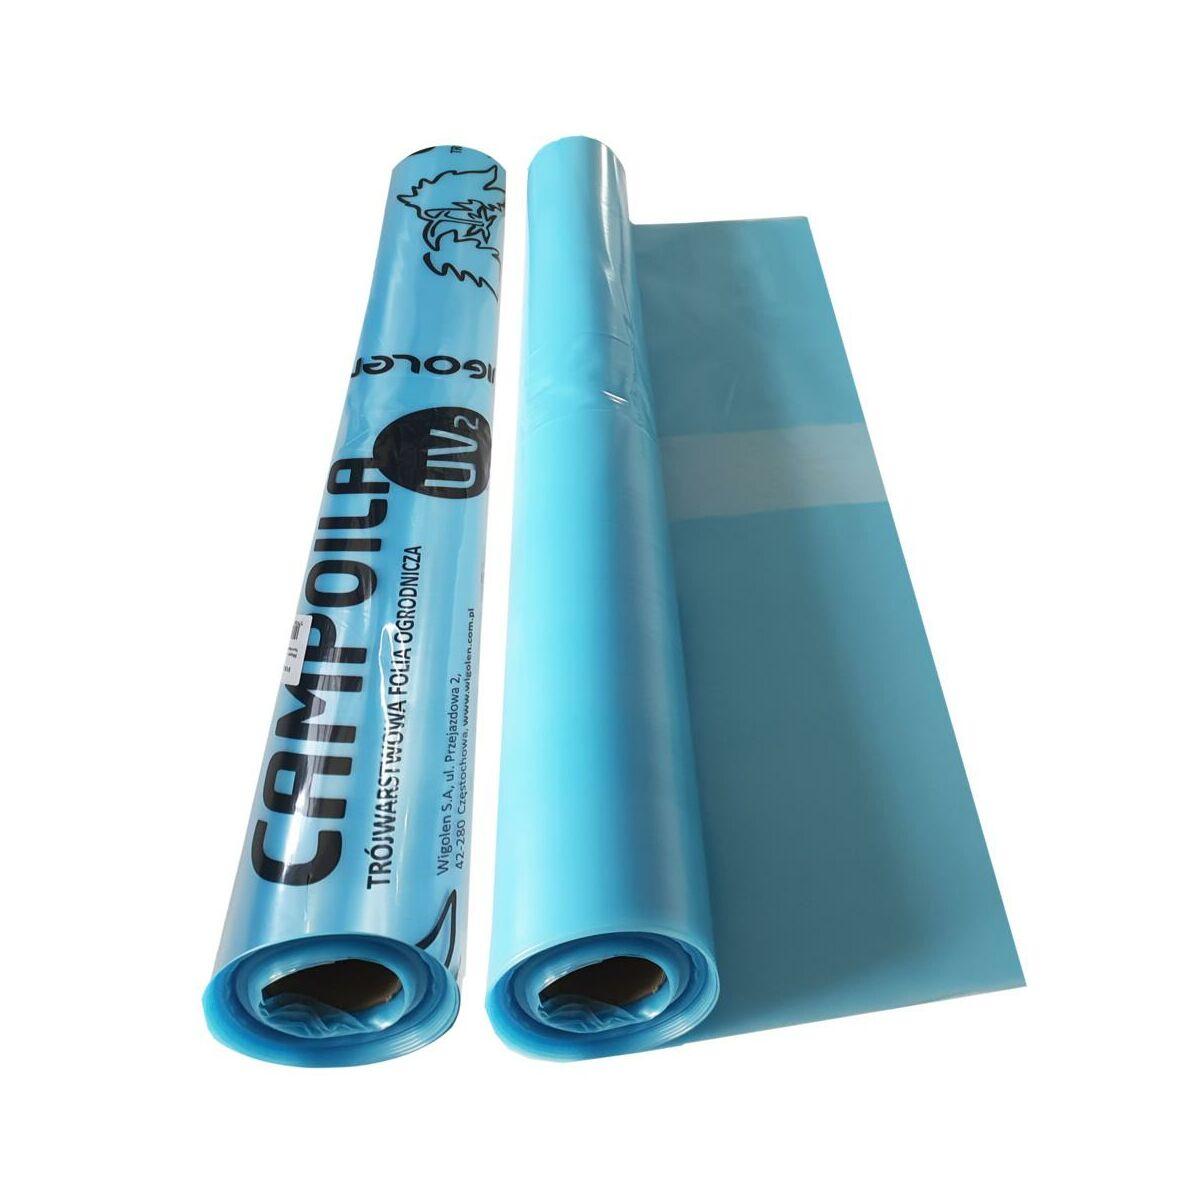 Folia Ogrodowa Tunelowa 6 X 10 M Uv 2 Niebieska Plandeki Folie Ochronne W Atrakcyjnej Cenie W Sklepach Leroy Merlin